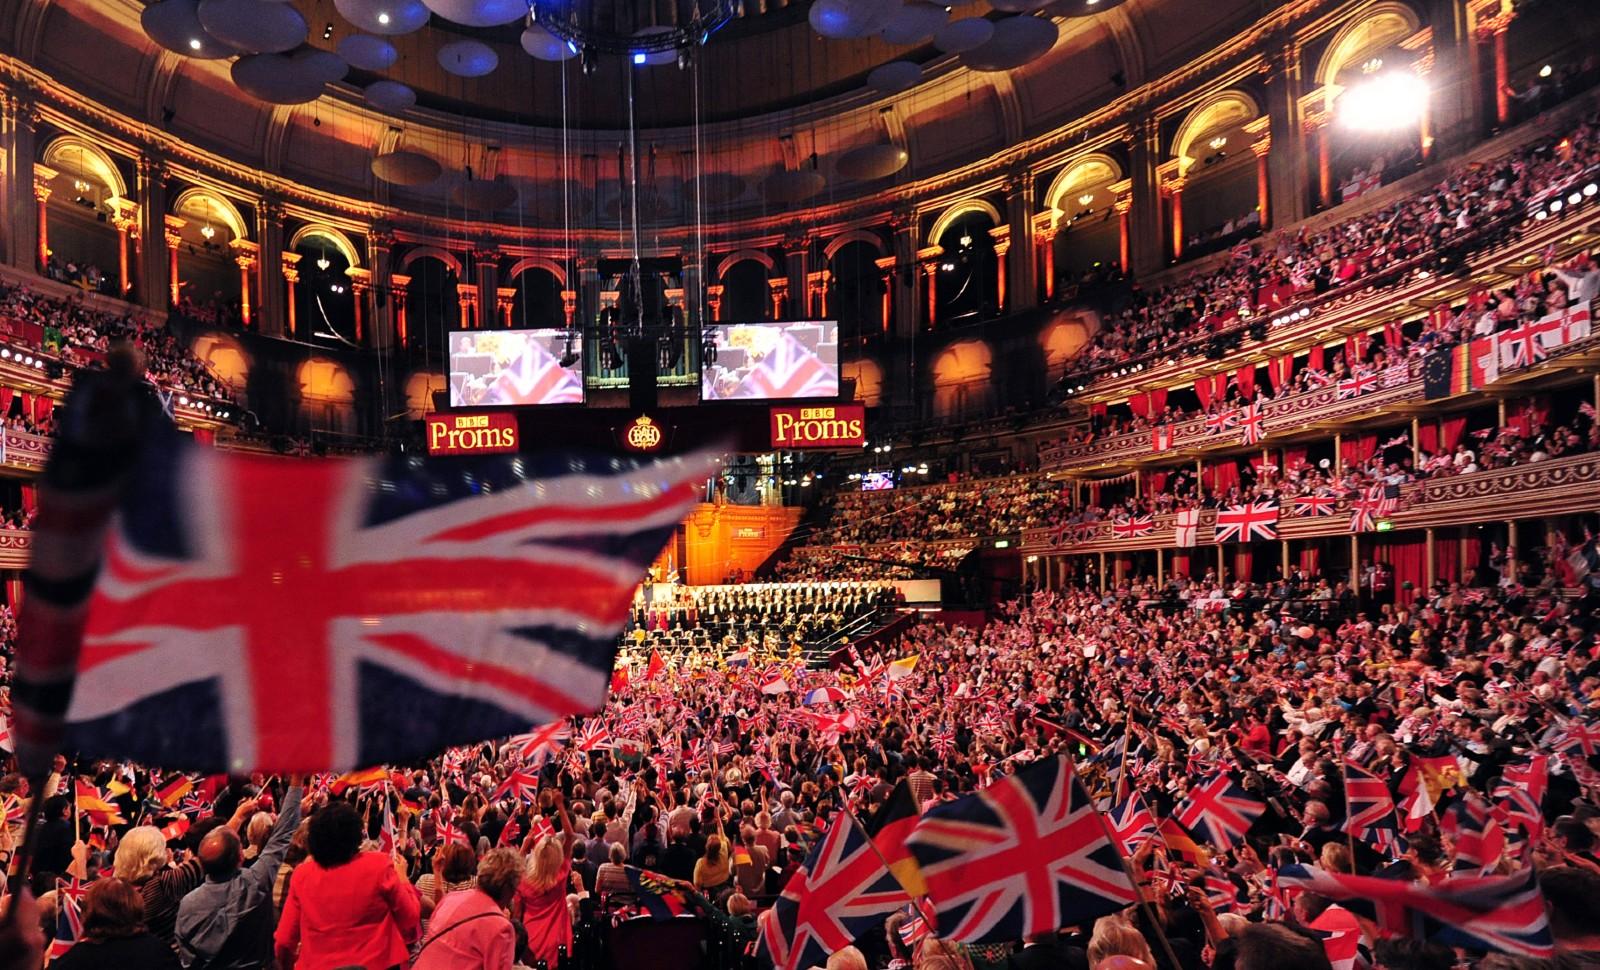 """Les """"Proms"""" au Royal Albert Hall à Londres © CARL COURT / AFP"""